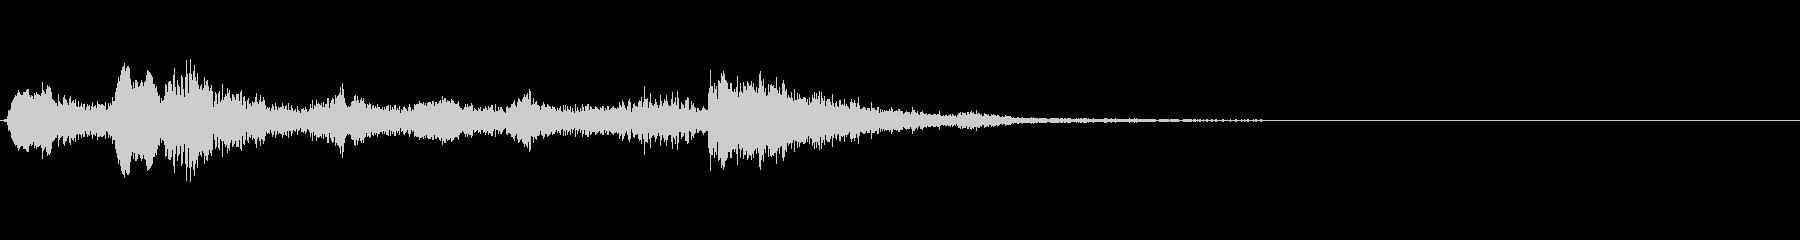 リコーダージングル、下るメロディの未再生の波形